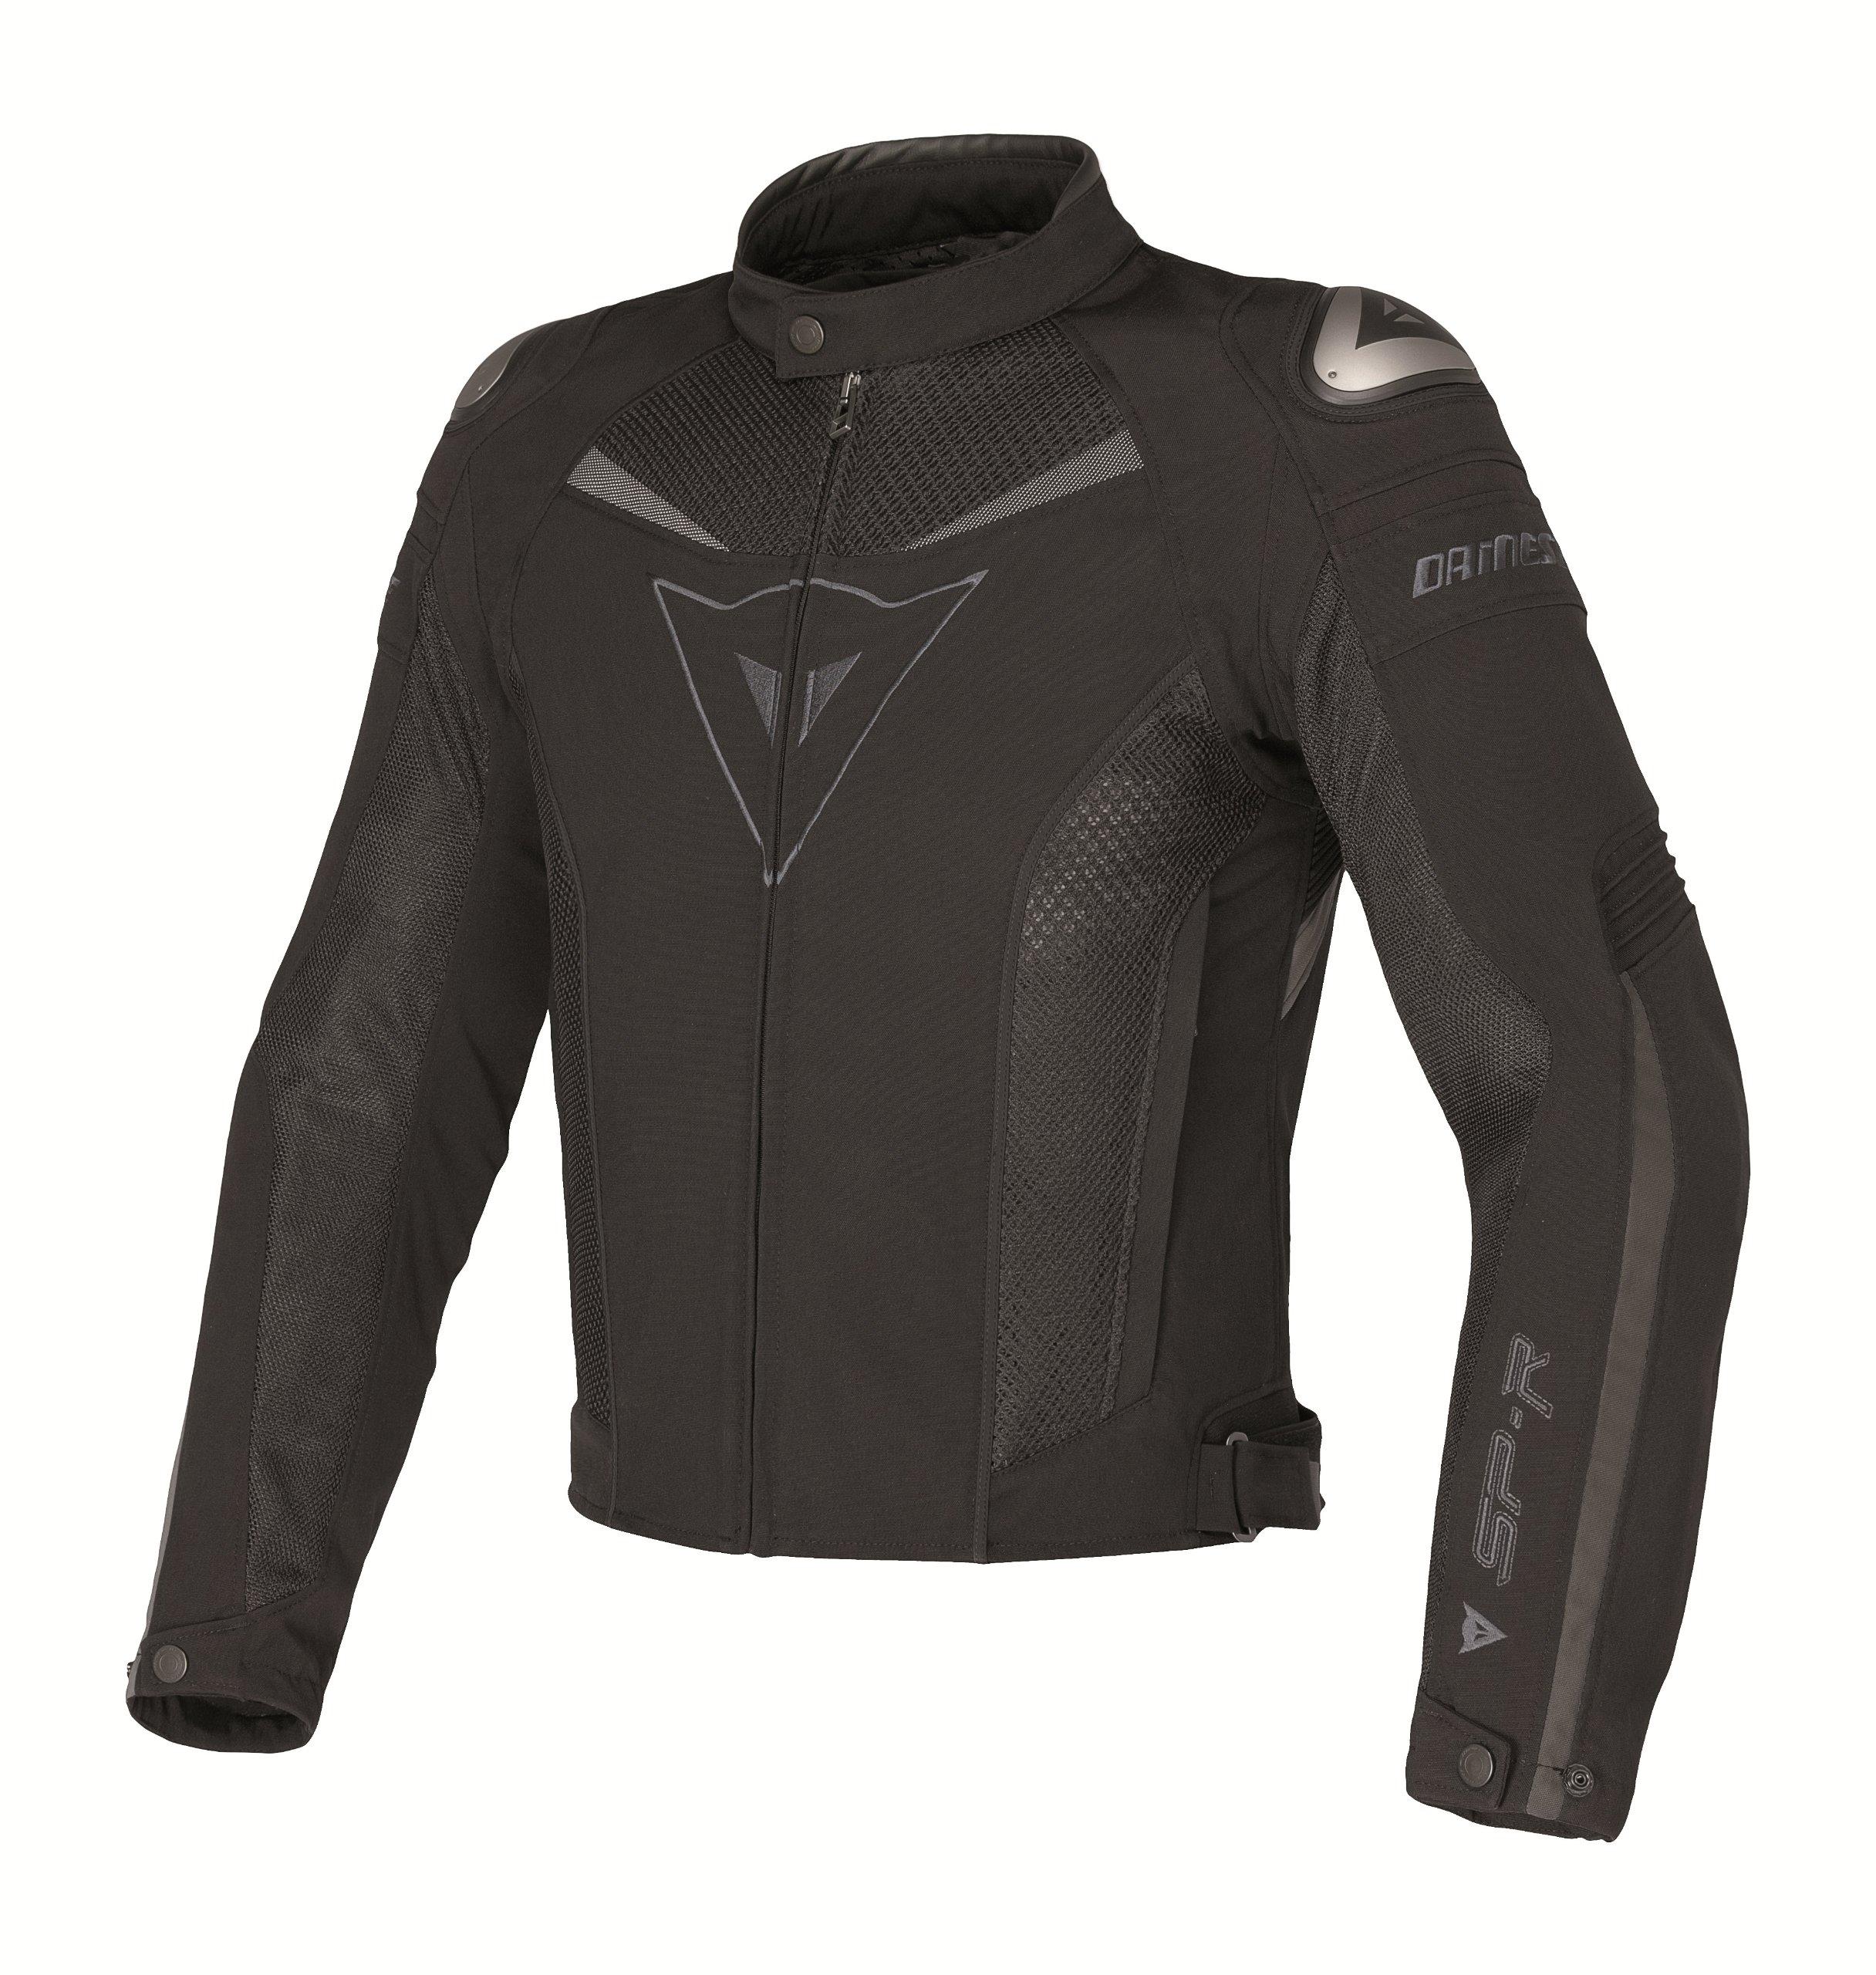 Dainese Men's Super Speed Tex Jacket Black/Grey 58